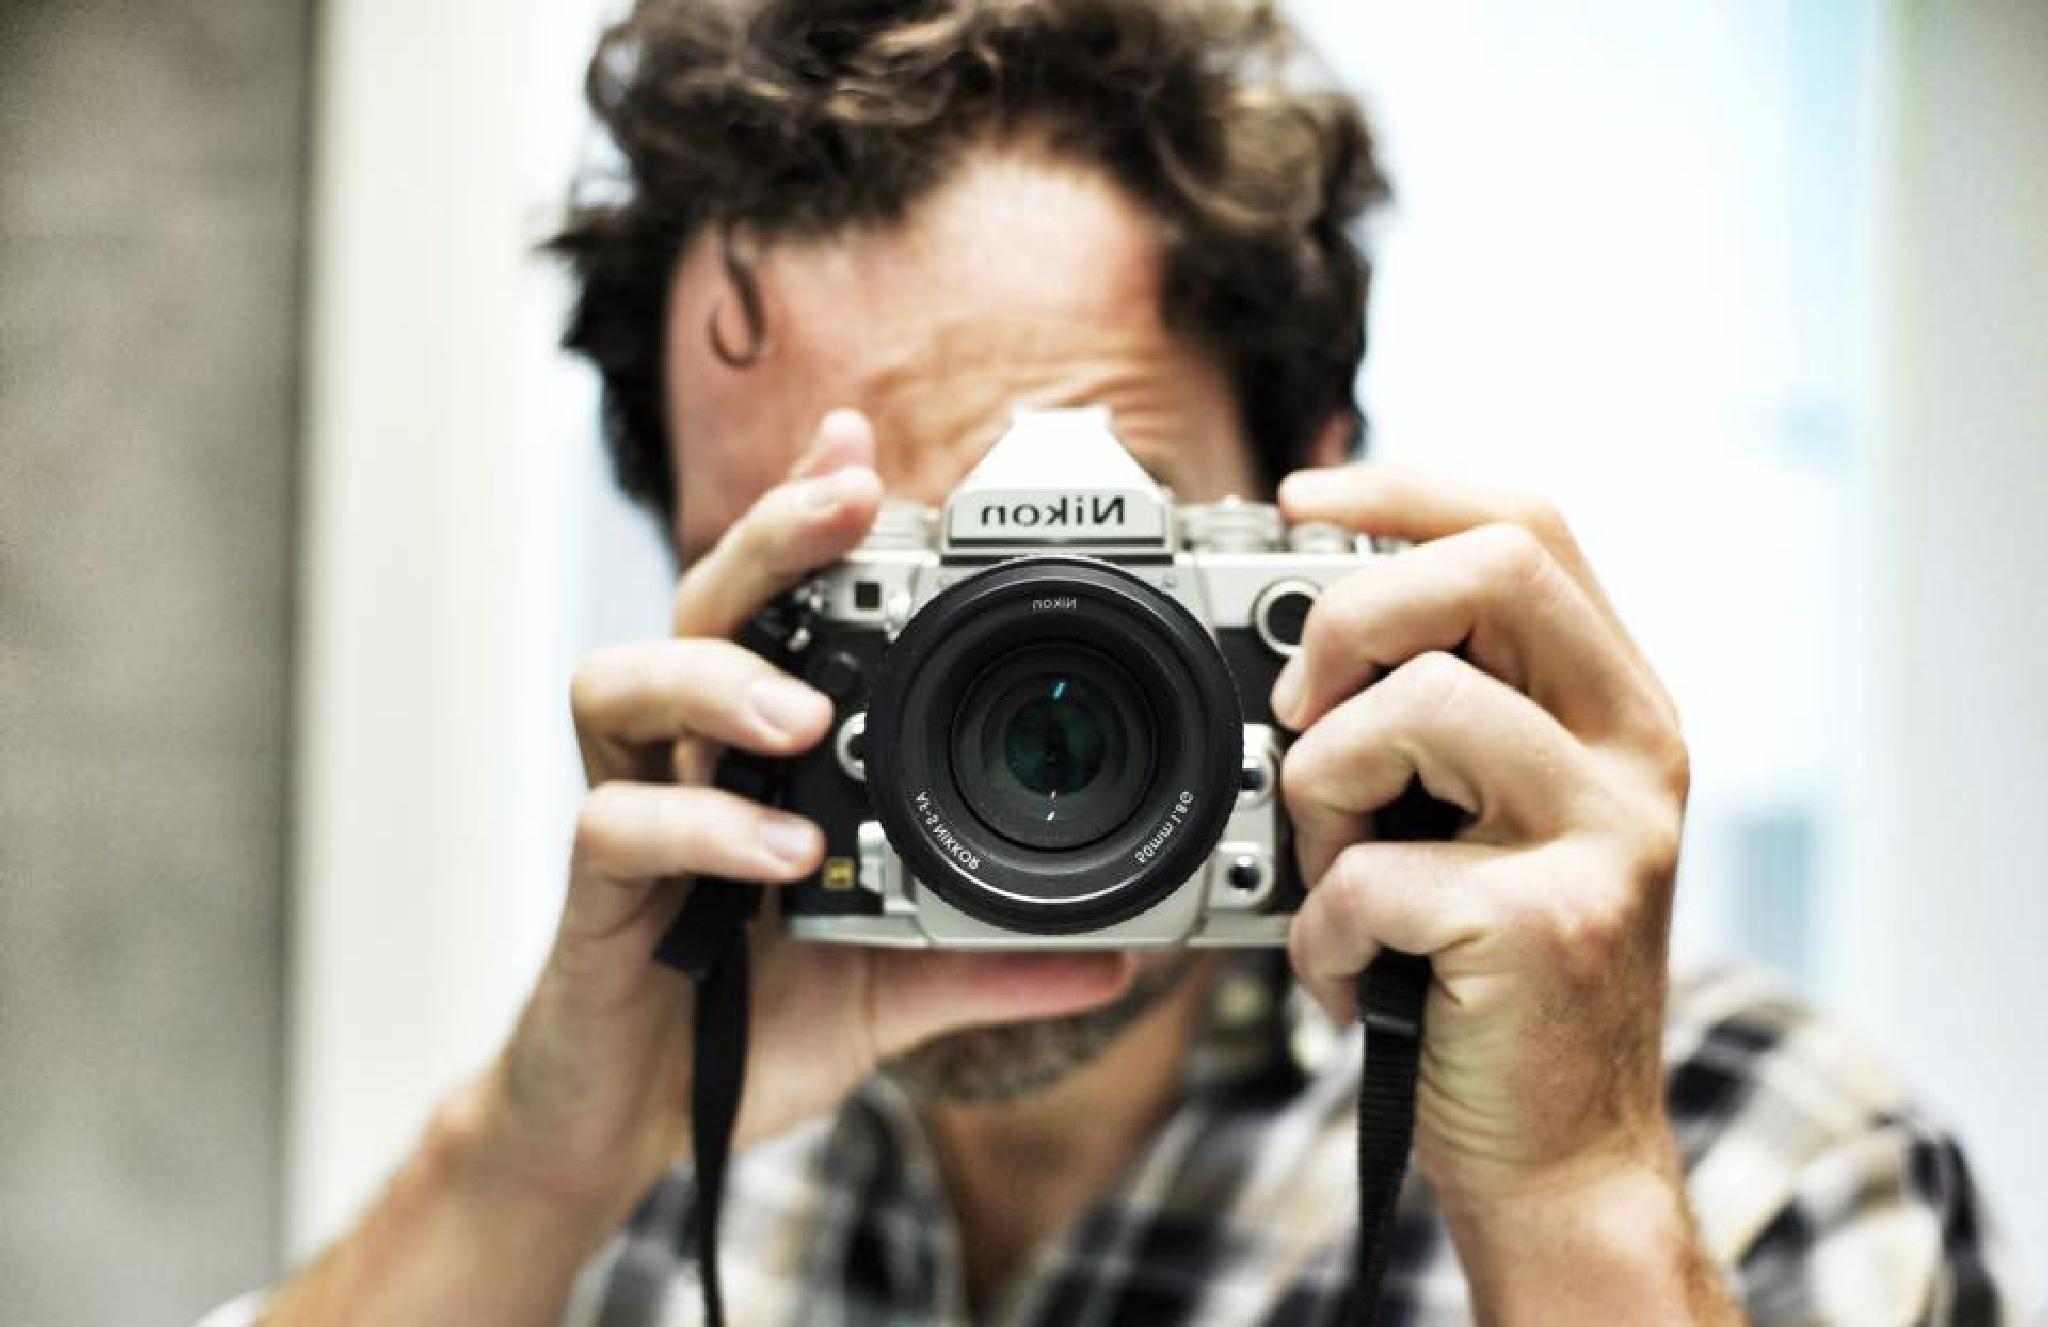 Self Portrait (with Nikon Df) by AlessioJacona